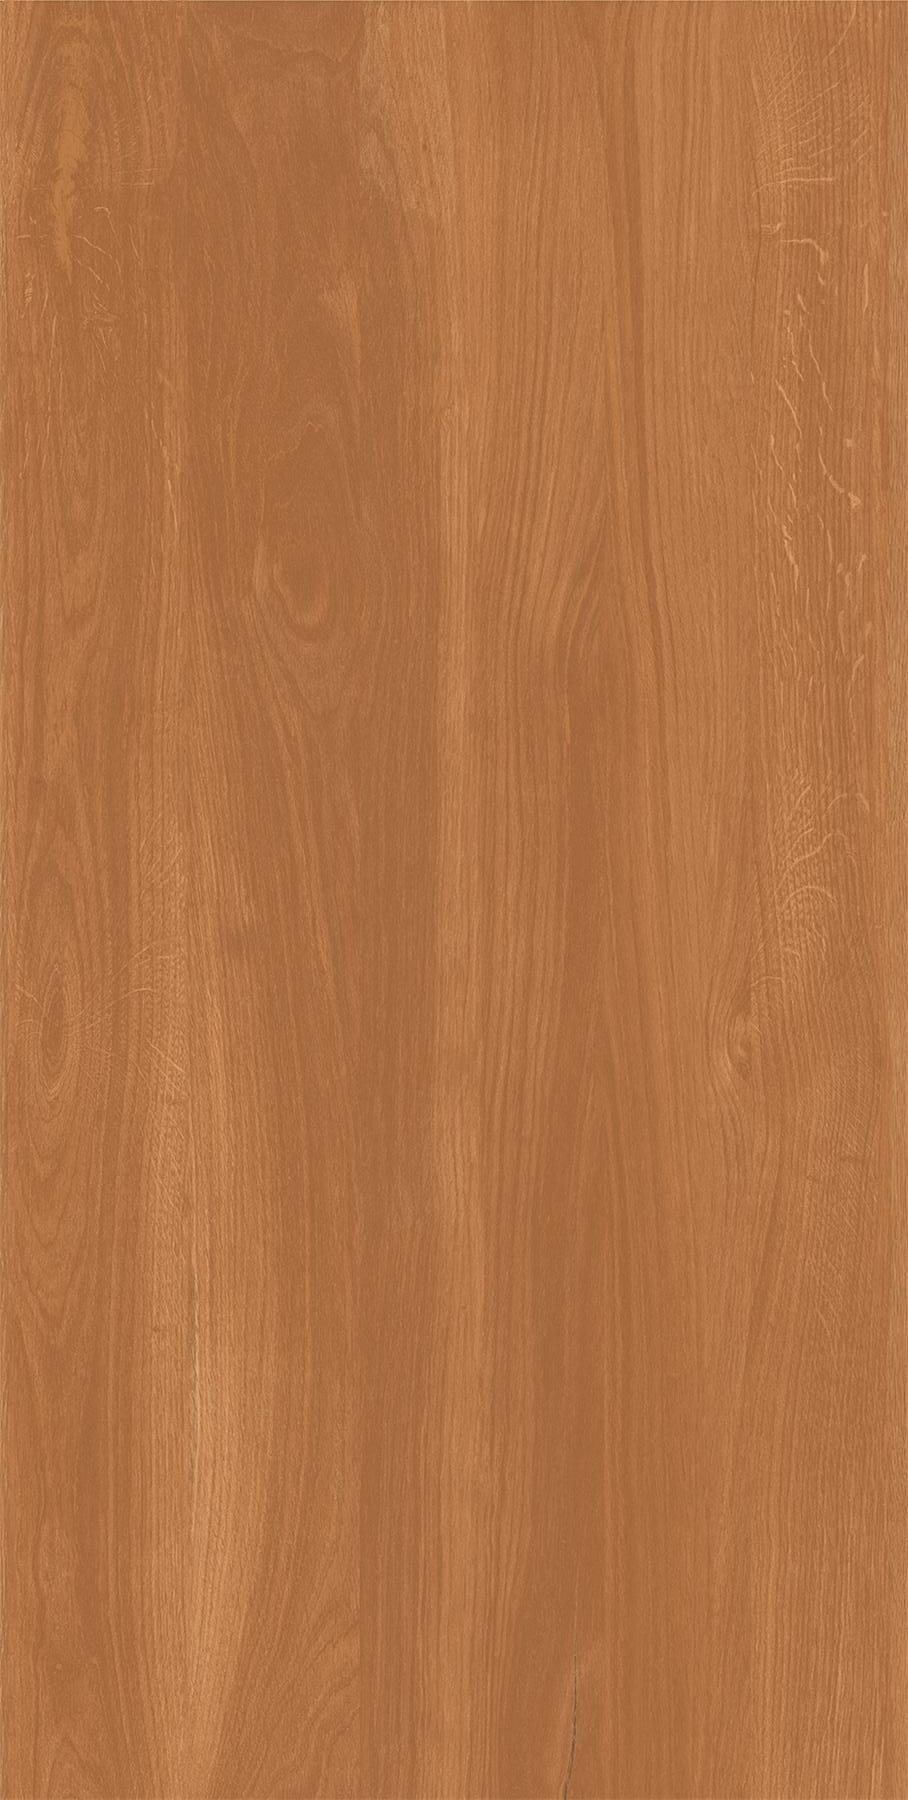 木纹 HEG1890067,900x1800mm